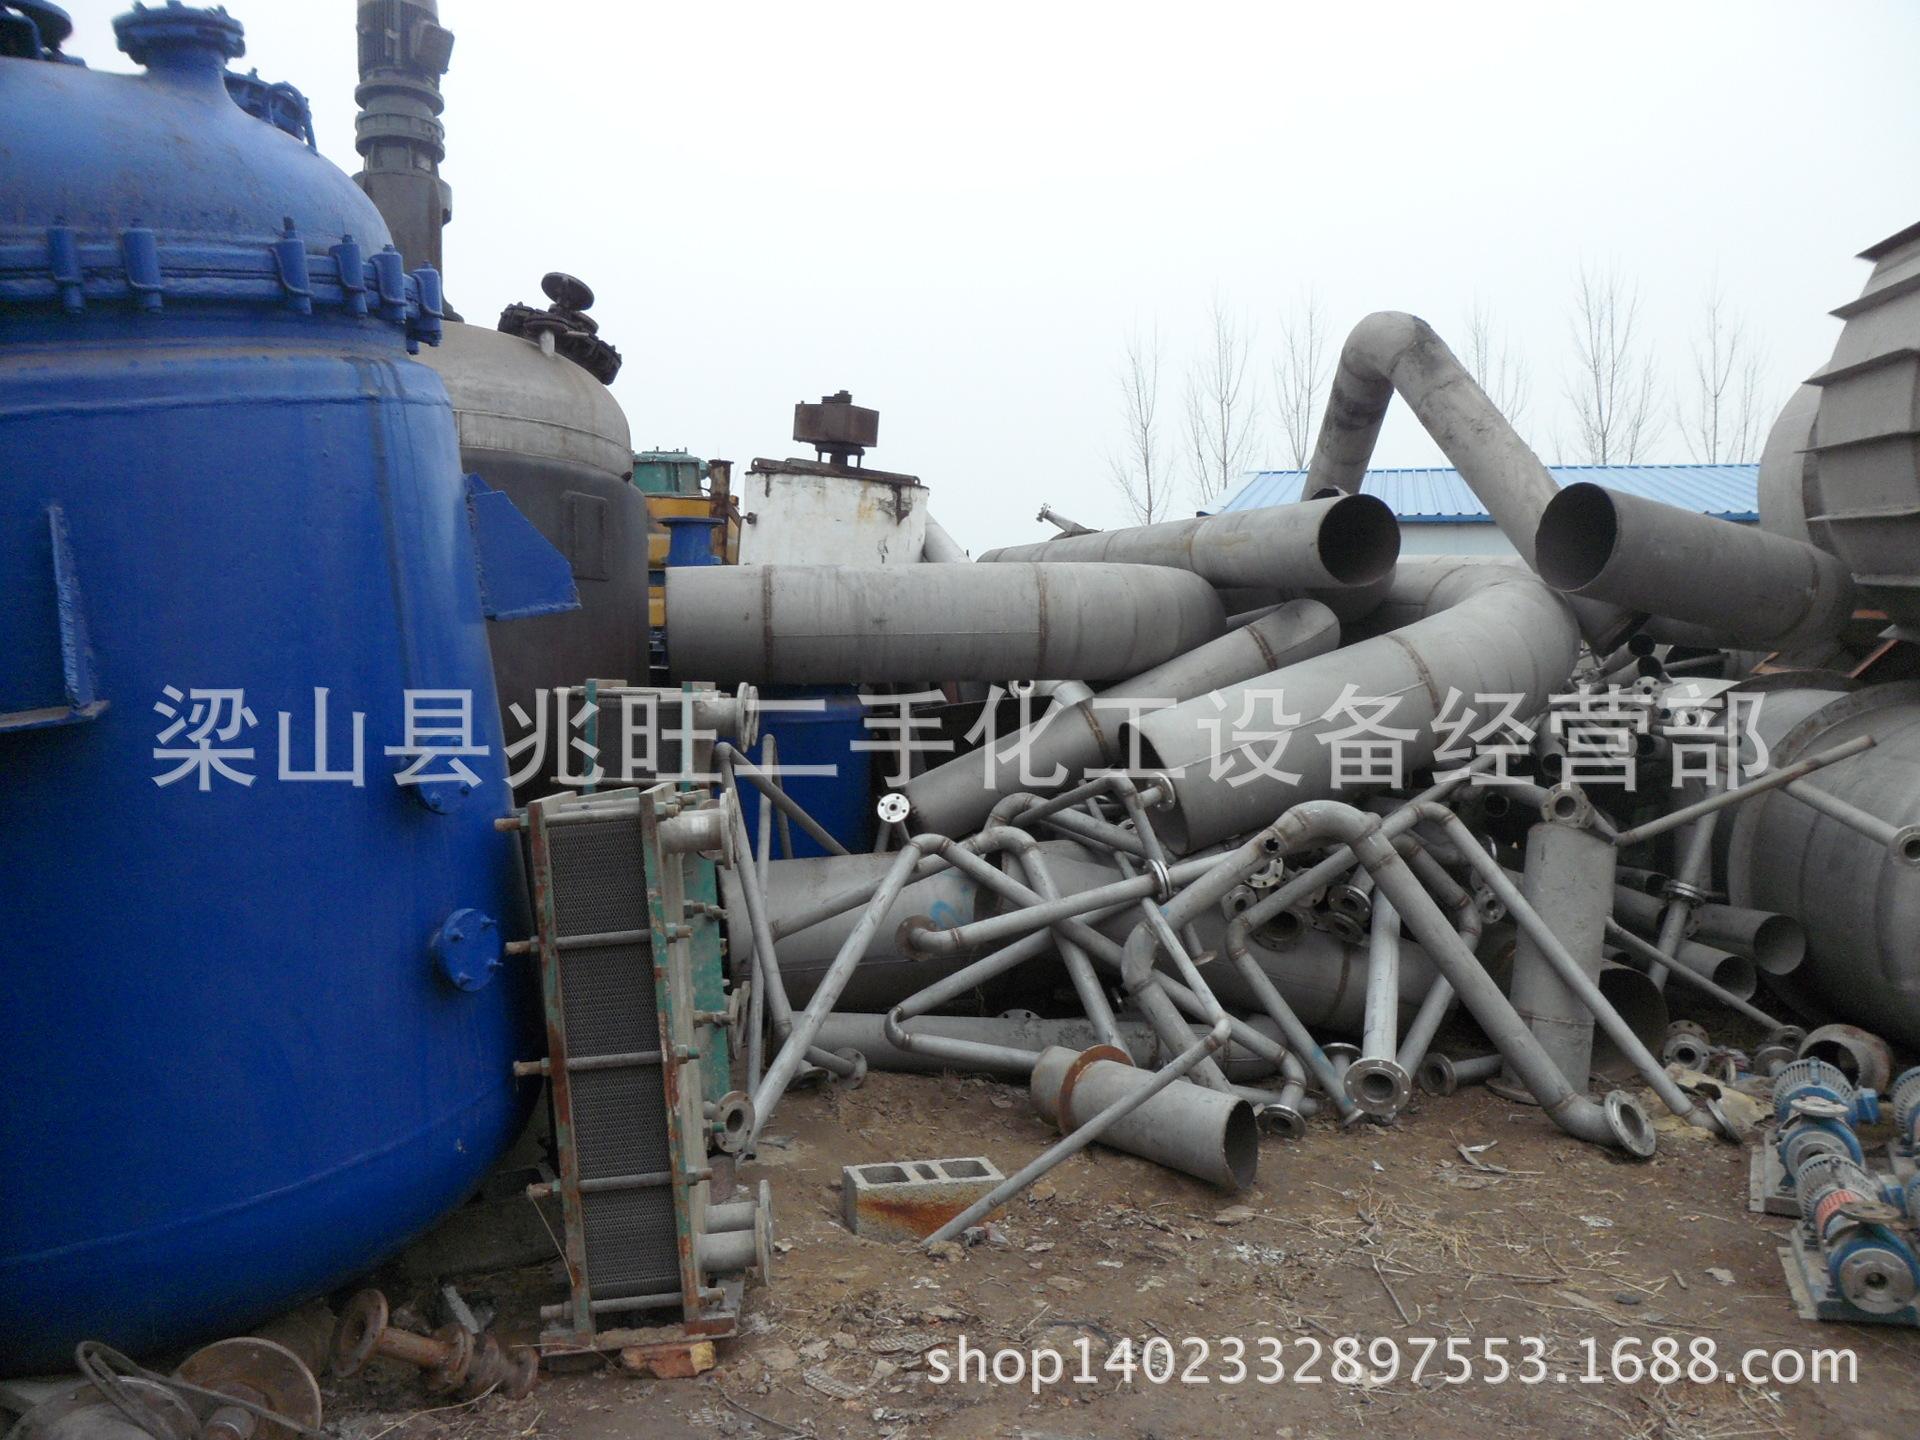 梁山新到二手四效蒸发器,18吨10吨的各一套低价处理 -二手蒸发器